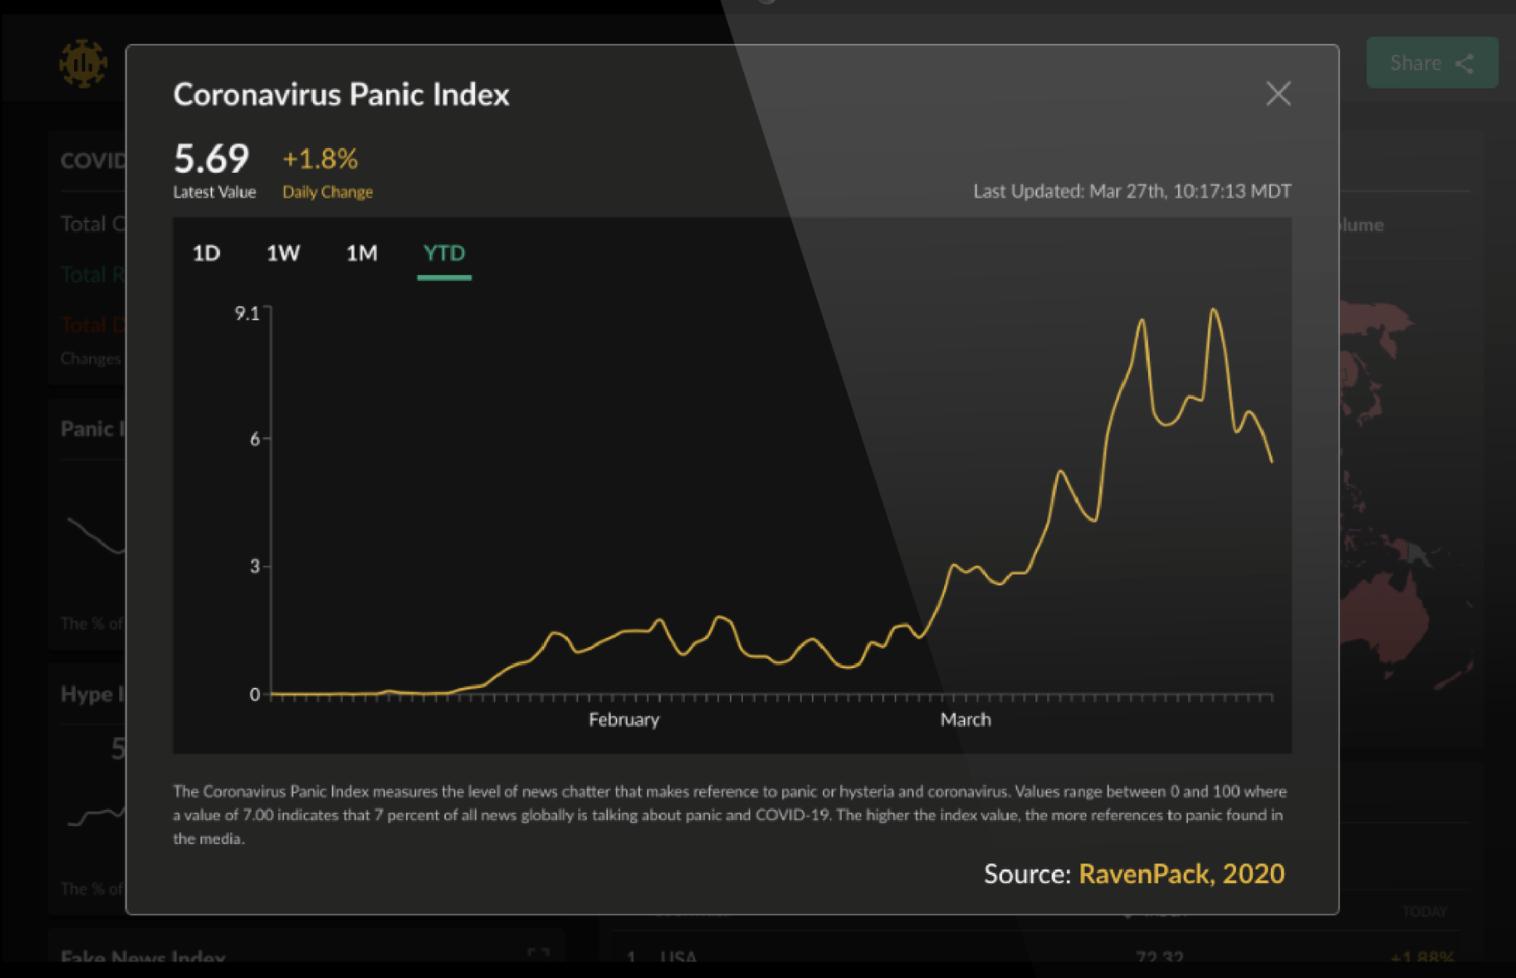 coronavirus panick attack index by Ravenpack